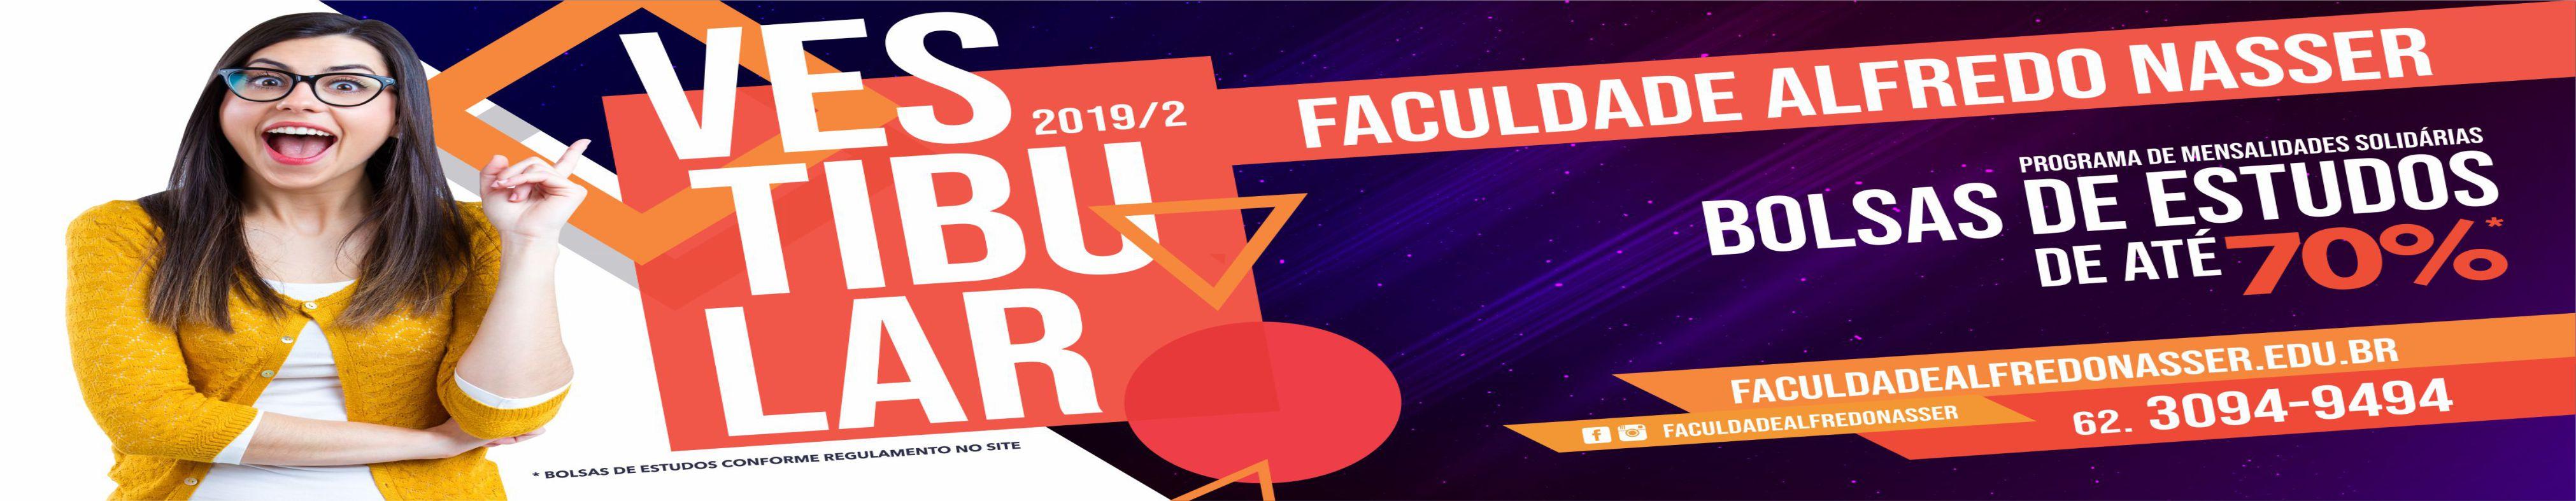 http://www.unifan.edu.br/